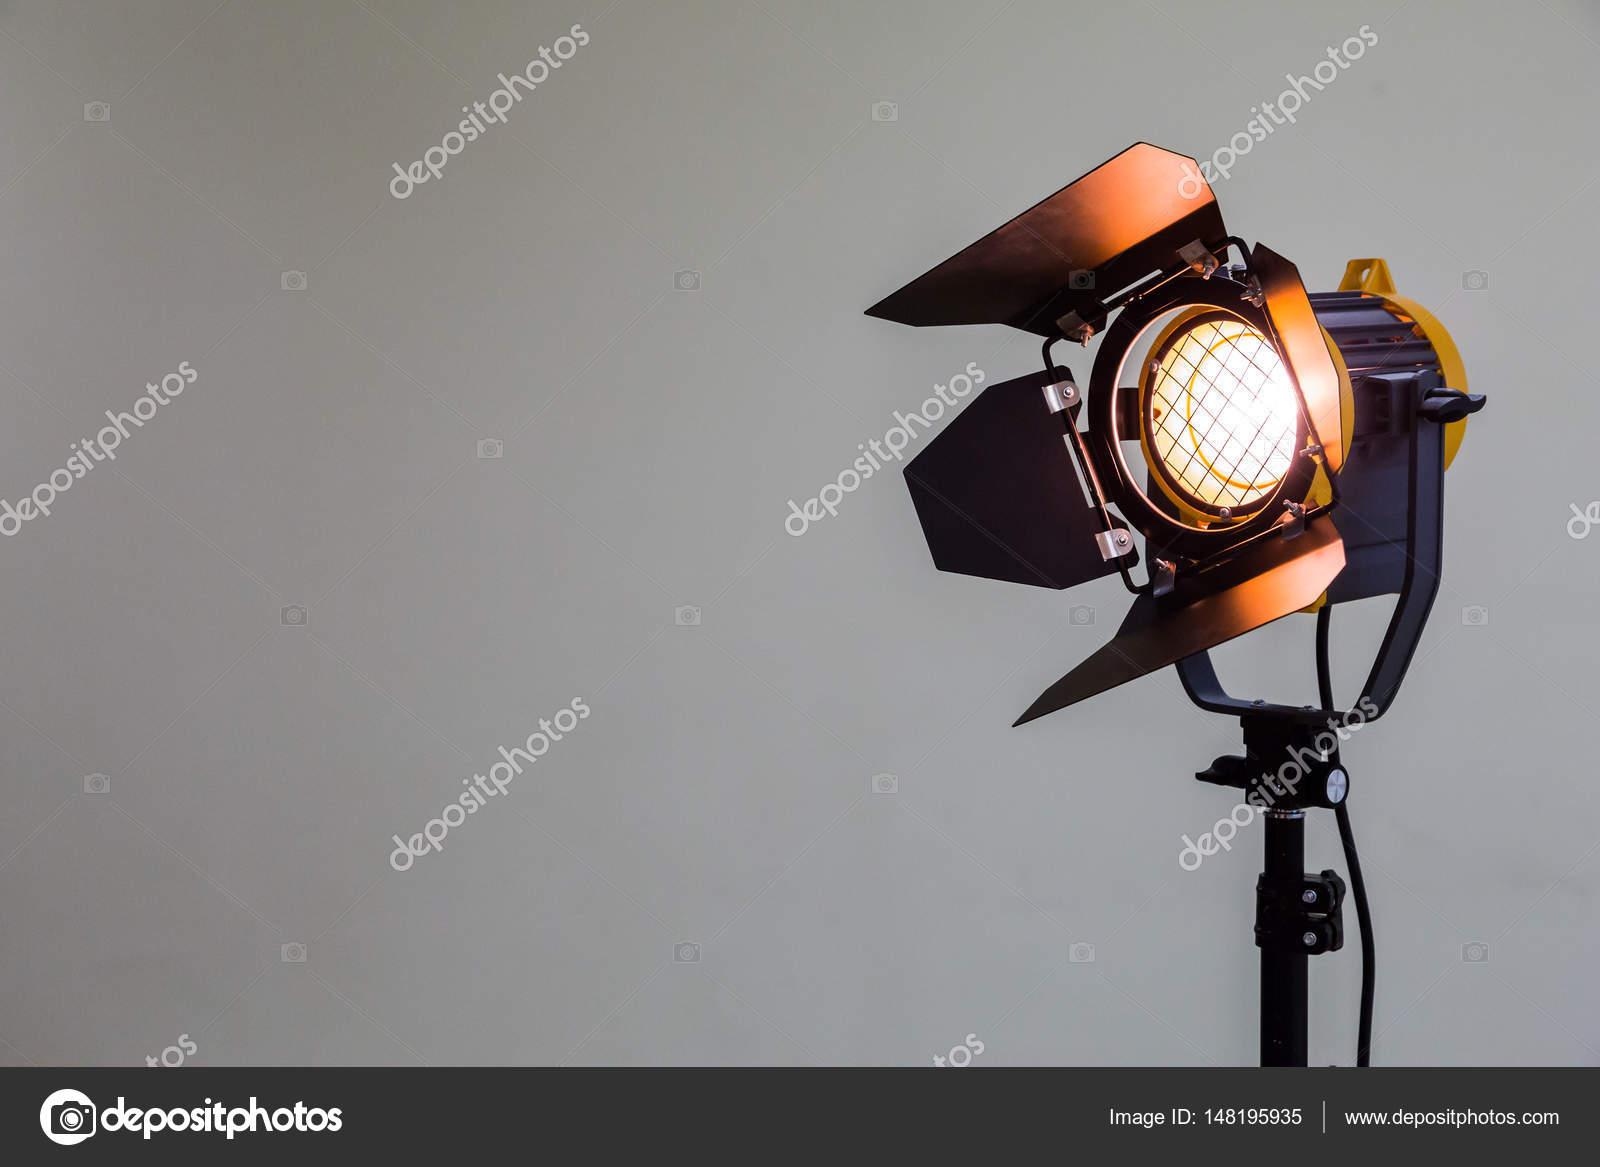 Projecteurs Avec Ampoule Halogene Et Lentille De Fresnel Materiel D